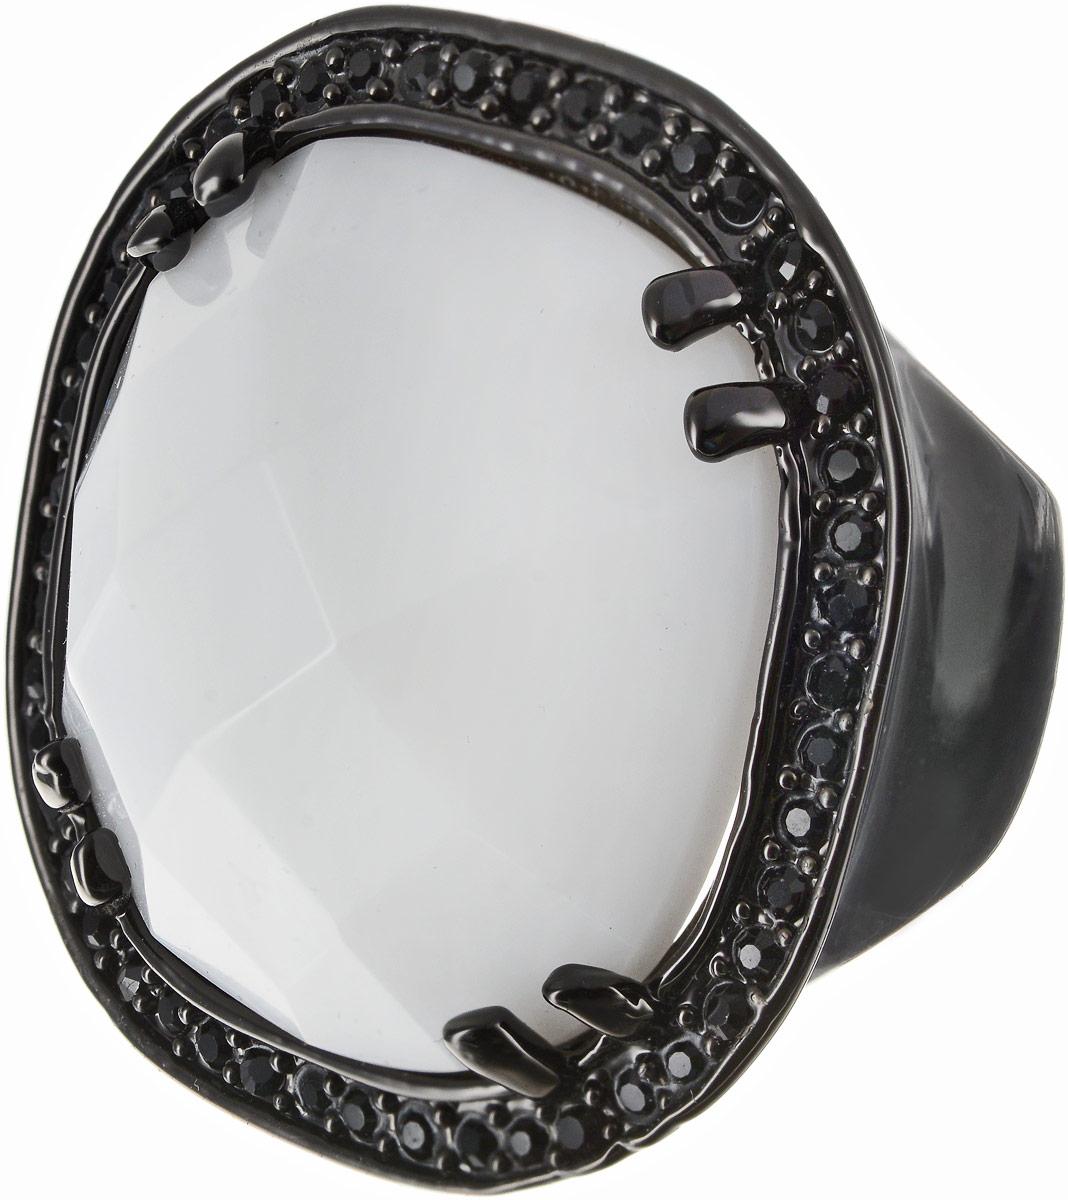 Кольцо Art-Silver, цвет: черный, белый. 360-1283. Размер 17,5Коктейльное кольцоОригинальное кольцо Art-Silver выполнено из бижутерного сплава с гальваническим покрытием. Кольцо украшено декоративными вставками.Элегантное кольцо Art-Silver превосходно дополнит ваш образ и подчеркнет отменное чувство стиля своей обладательницы.